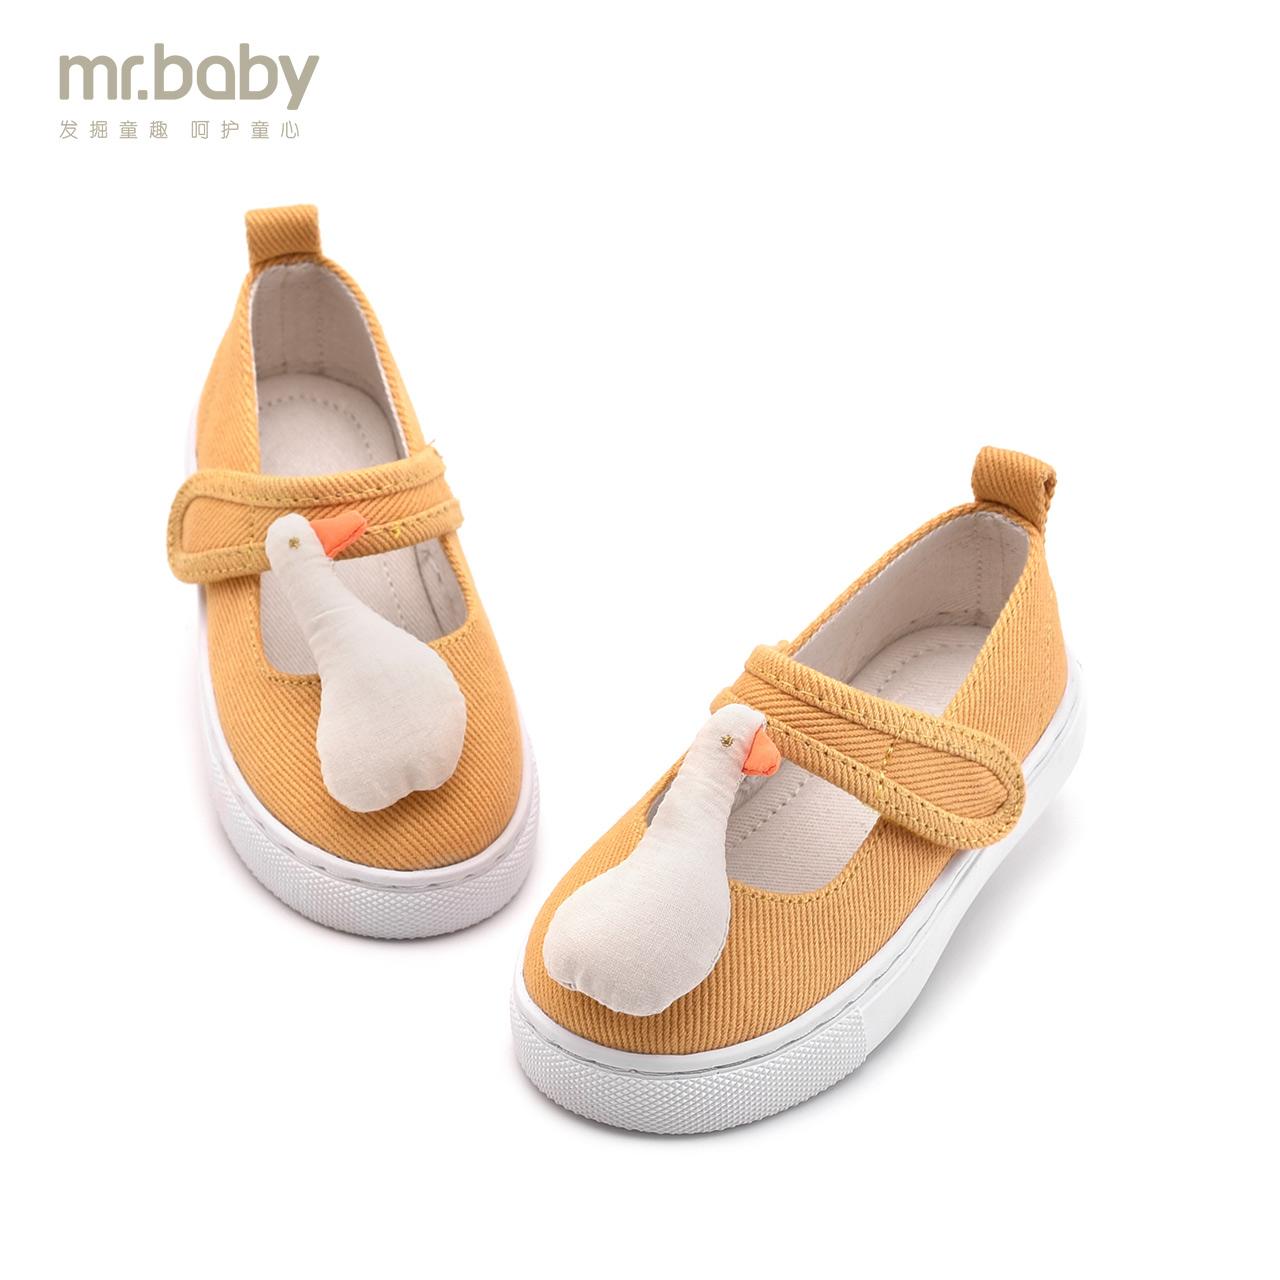 Mr.baby девочки обувной 2018 весенний и осенний сезон. новый детский уточка ребенок холст обувь обувь casual